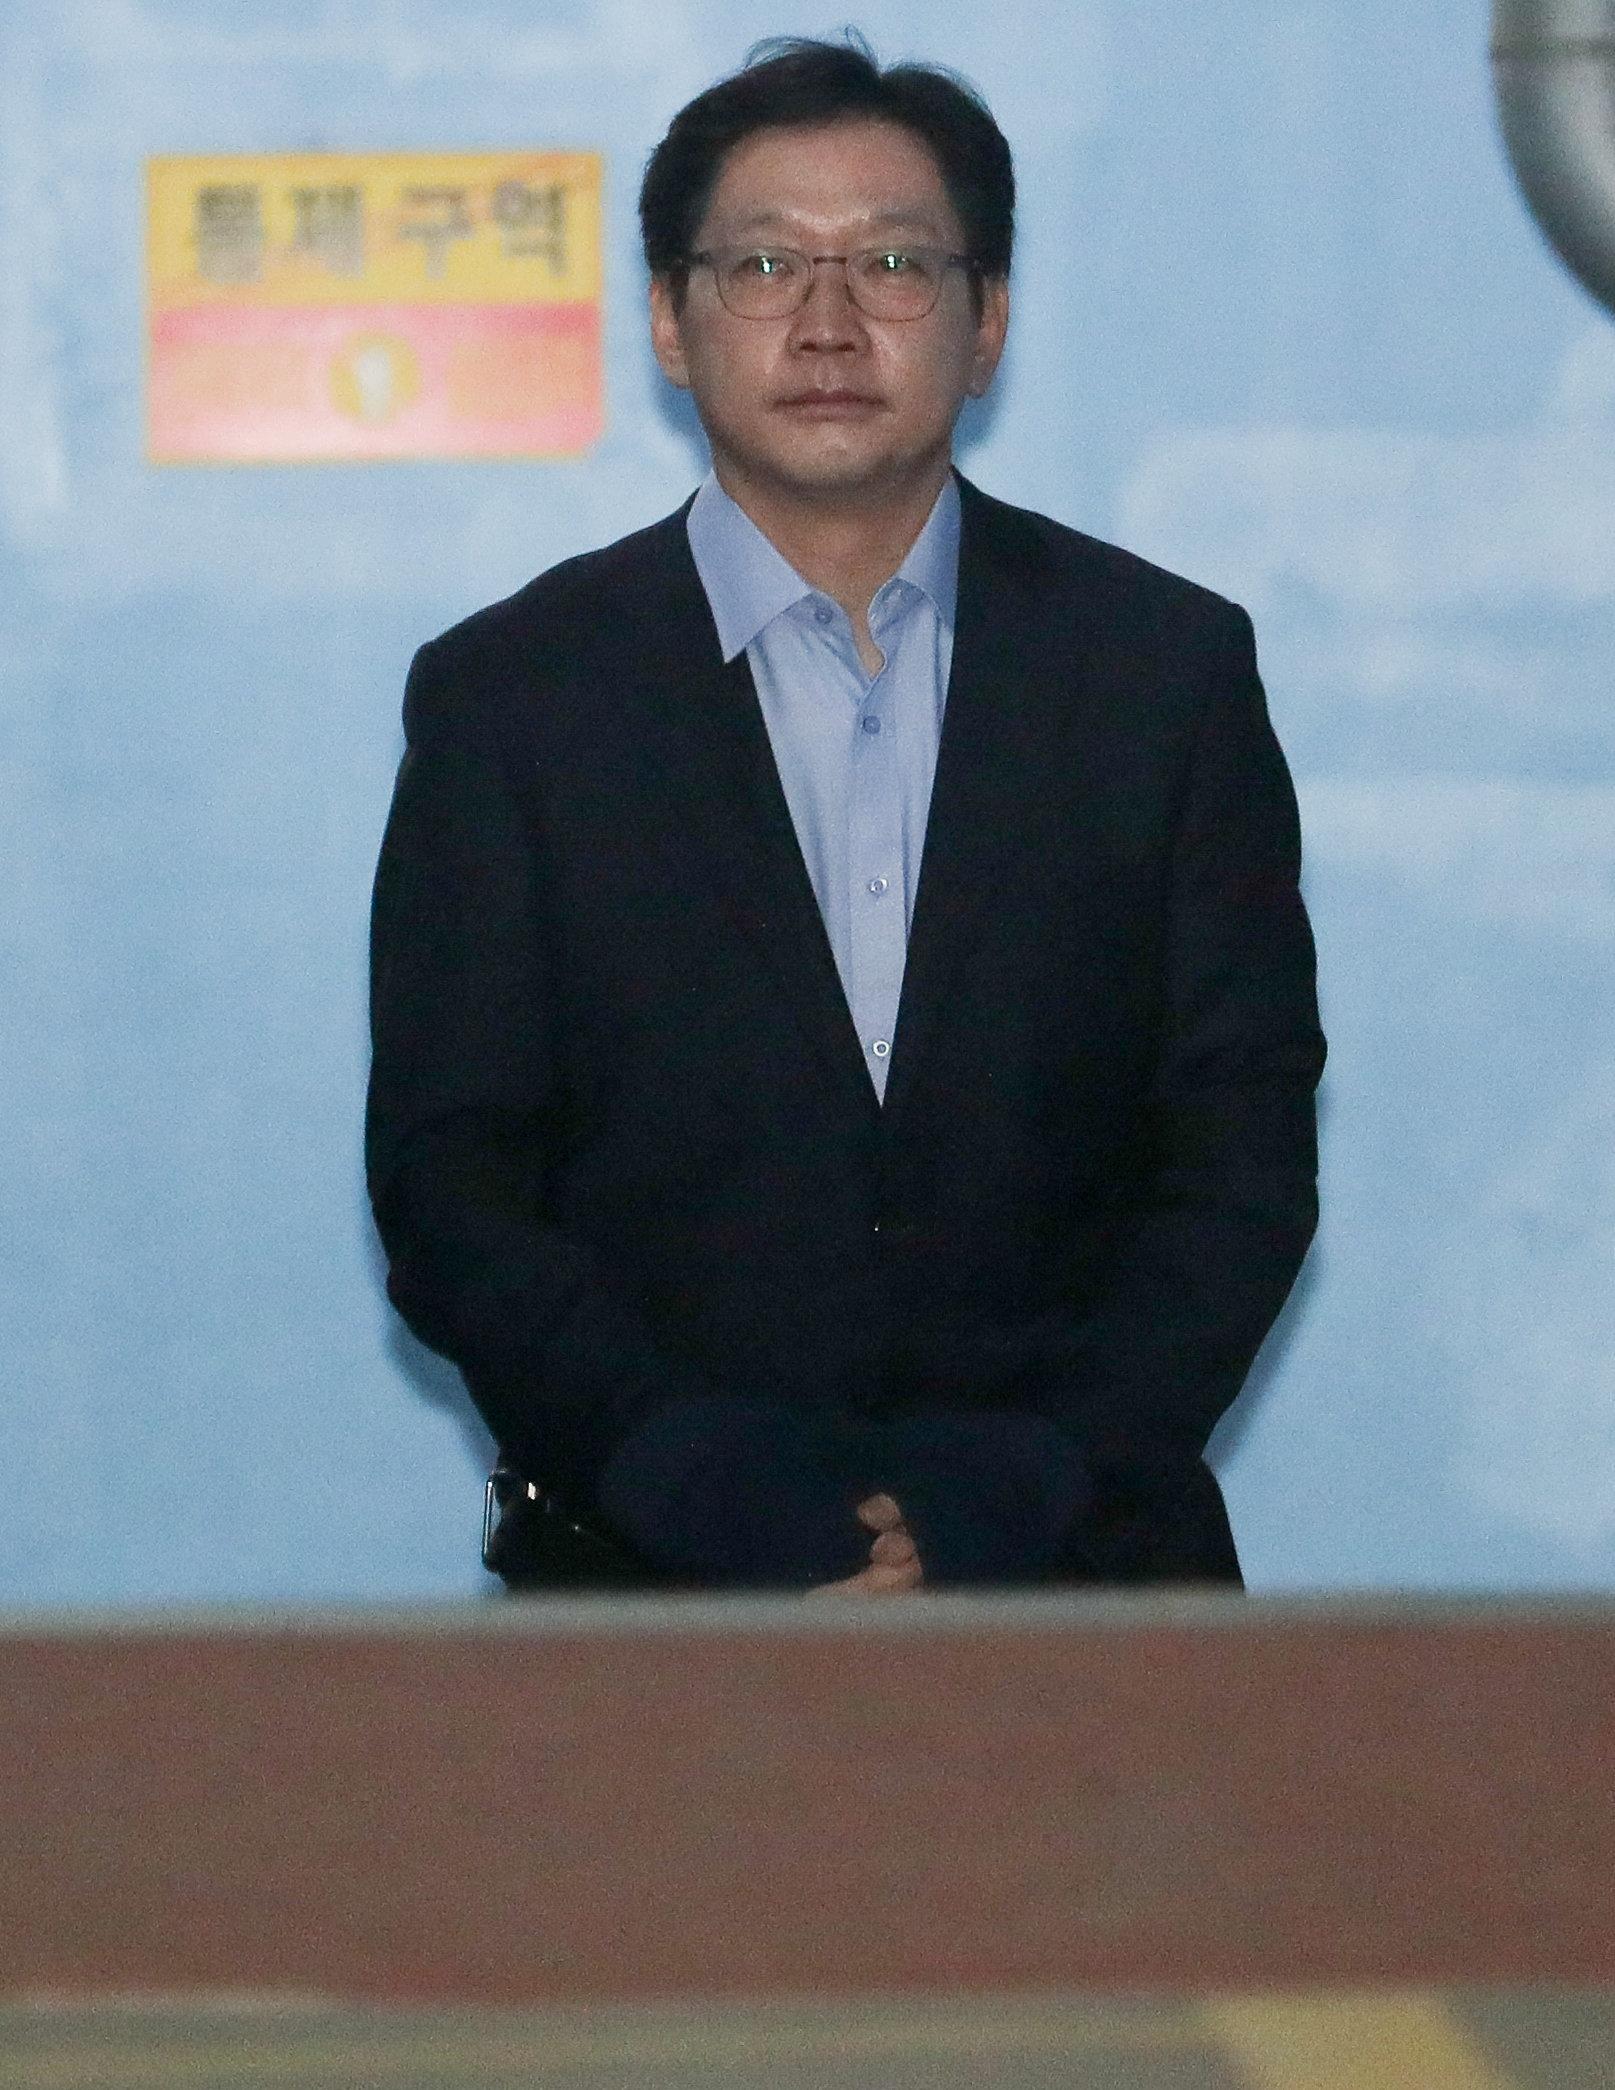 김경수 실형·법정구속에 대한 각계의